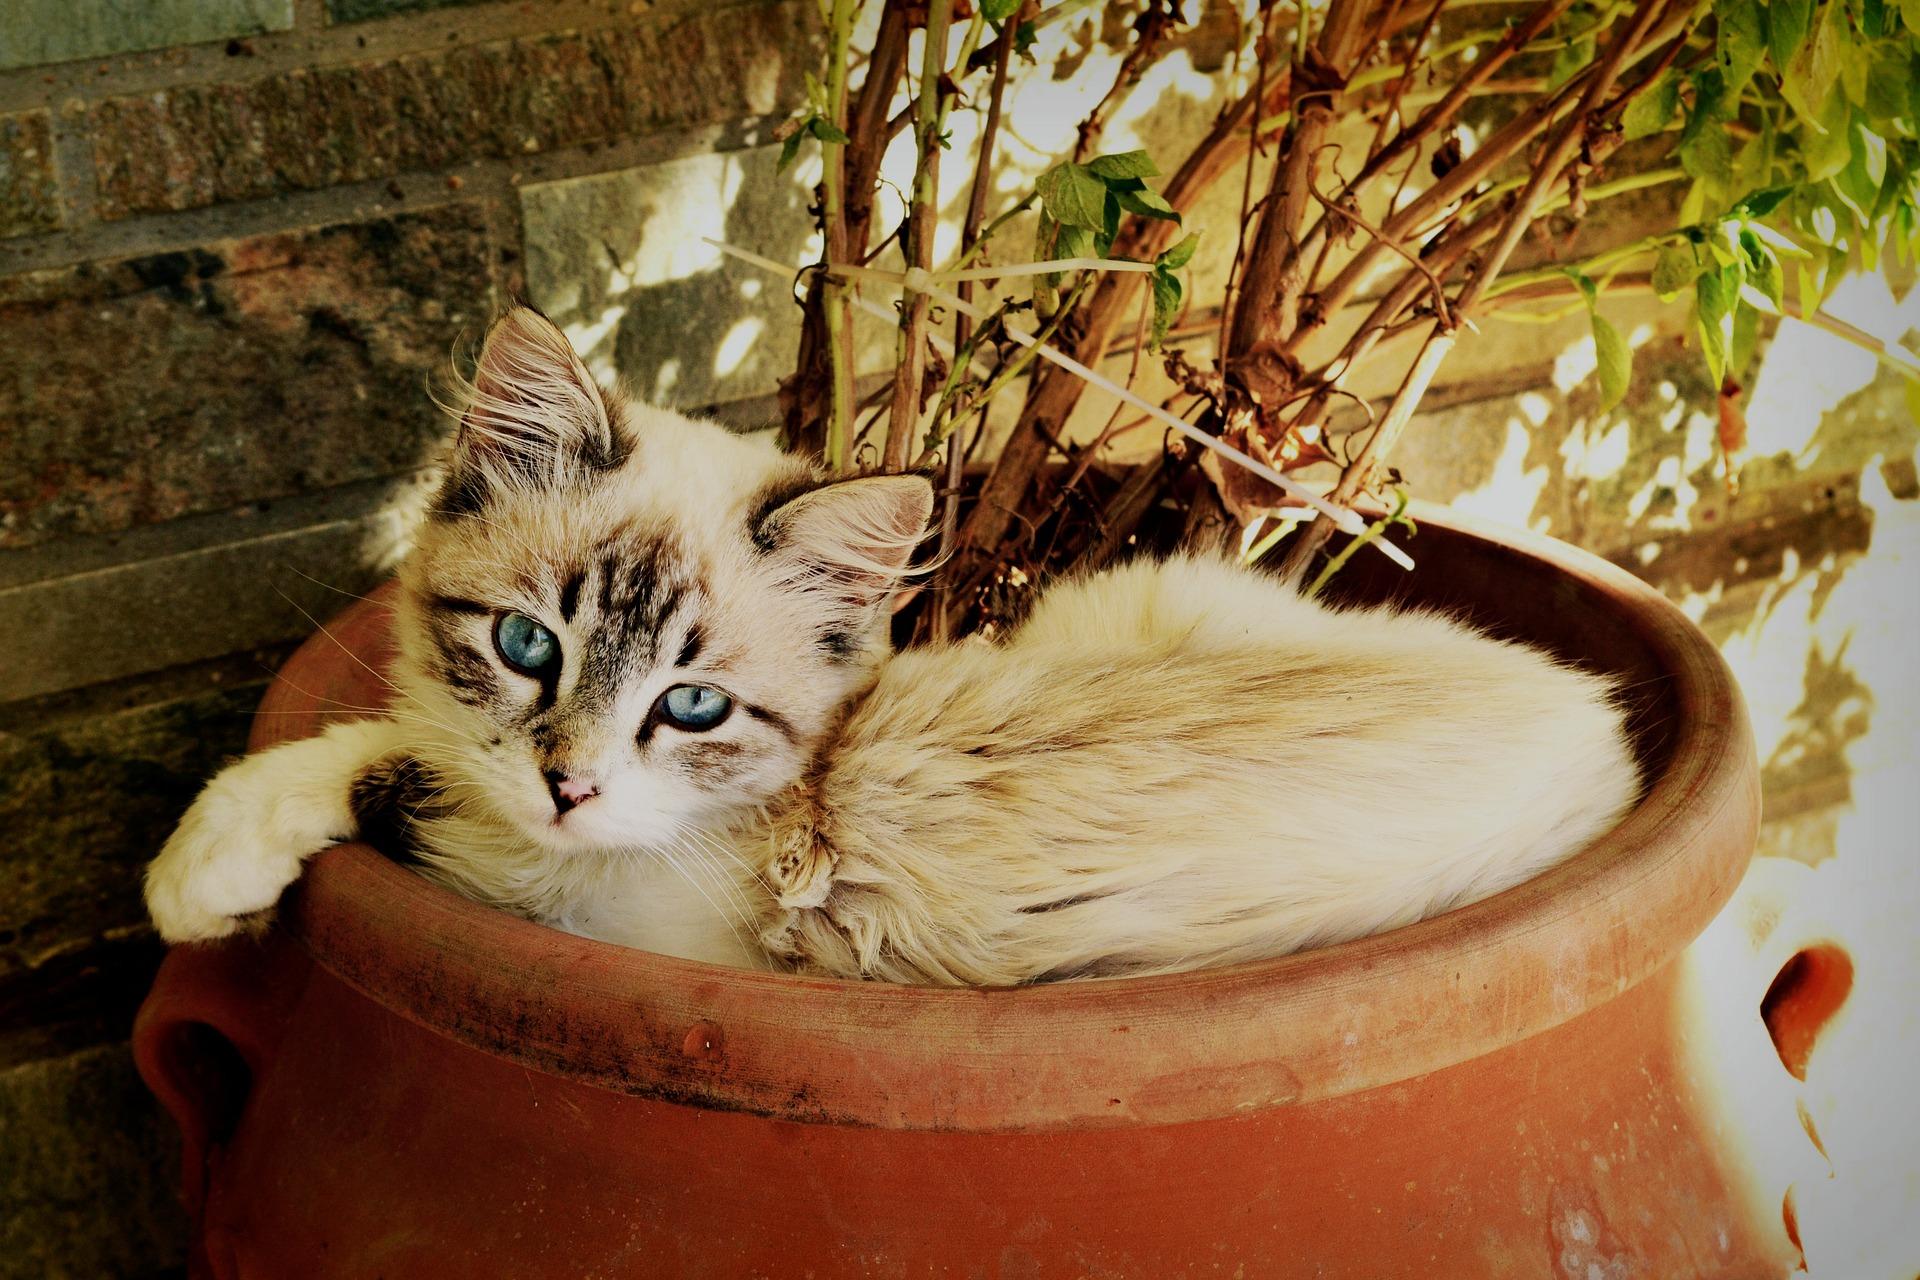 Los gatos crecen rápido